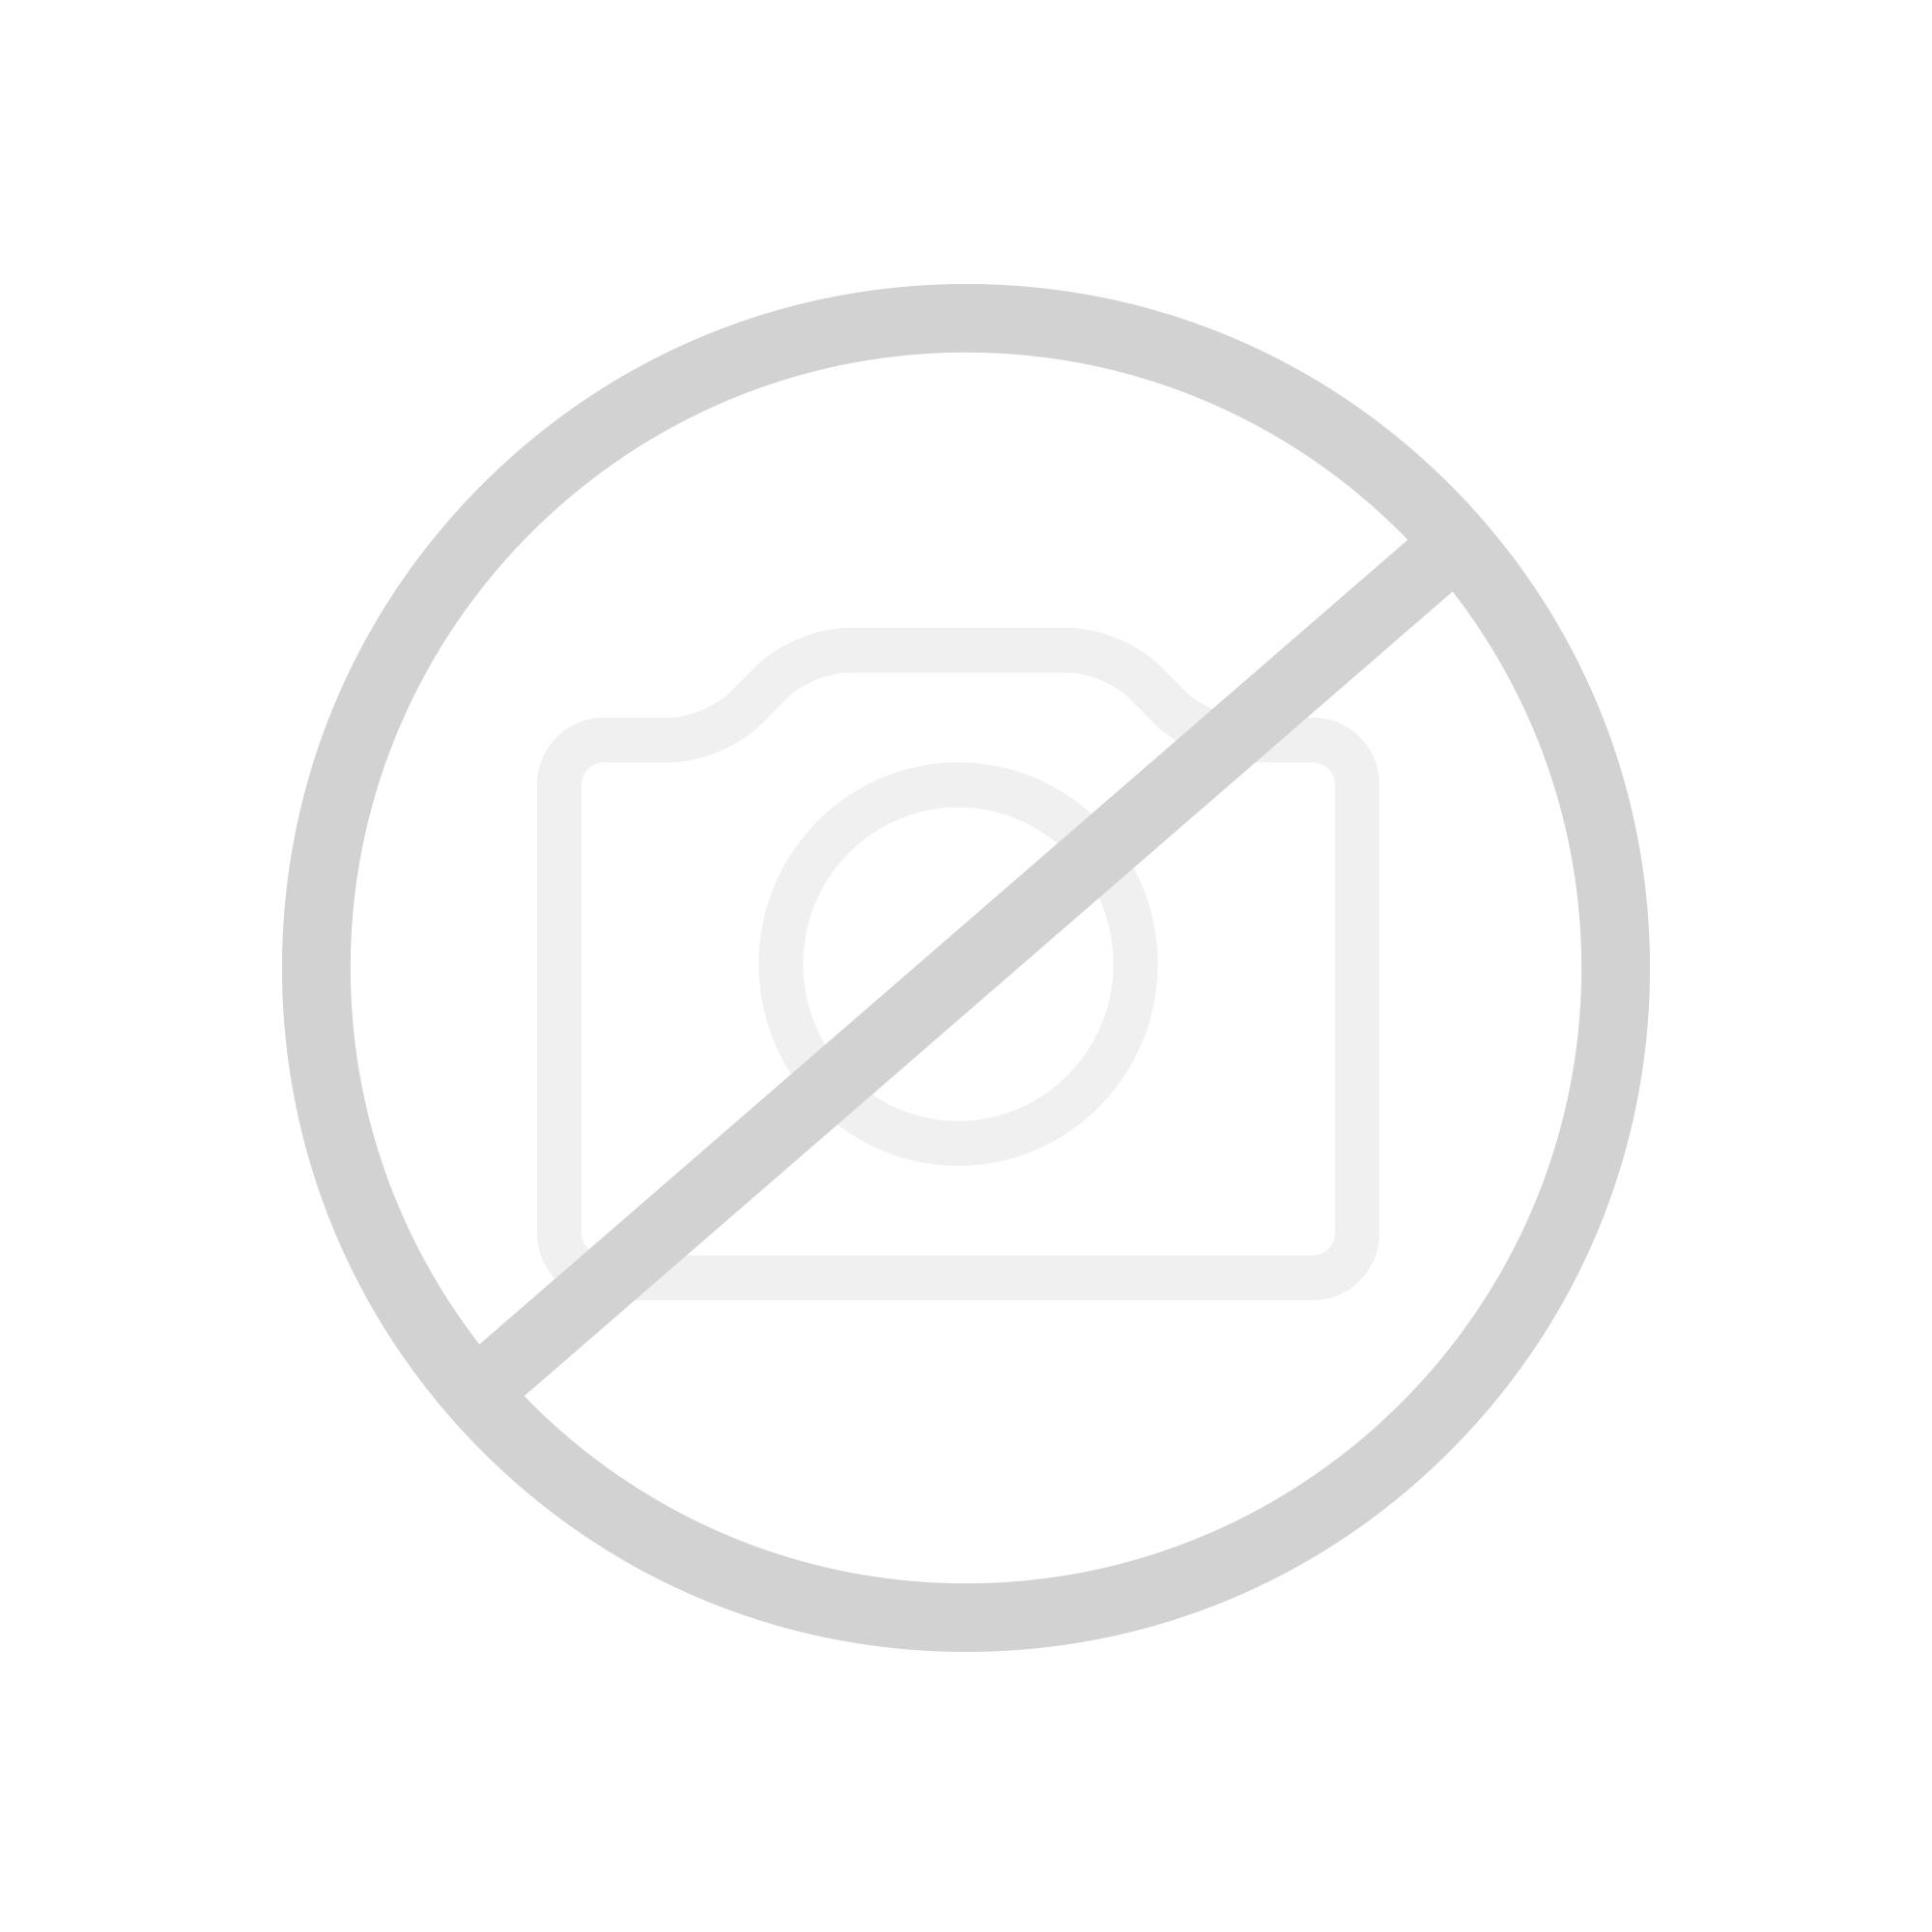 antoniolupi Bikappa BK601 Eingriffmischer zur Wandmontage mit Umsteller